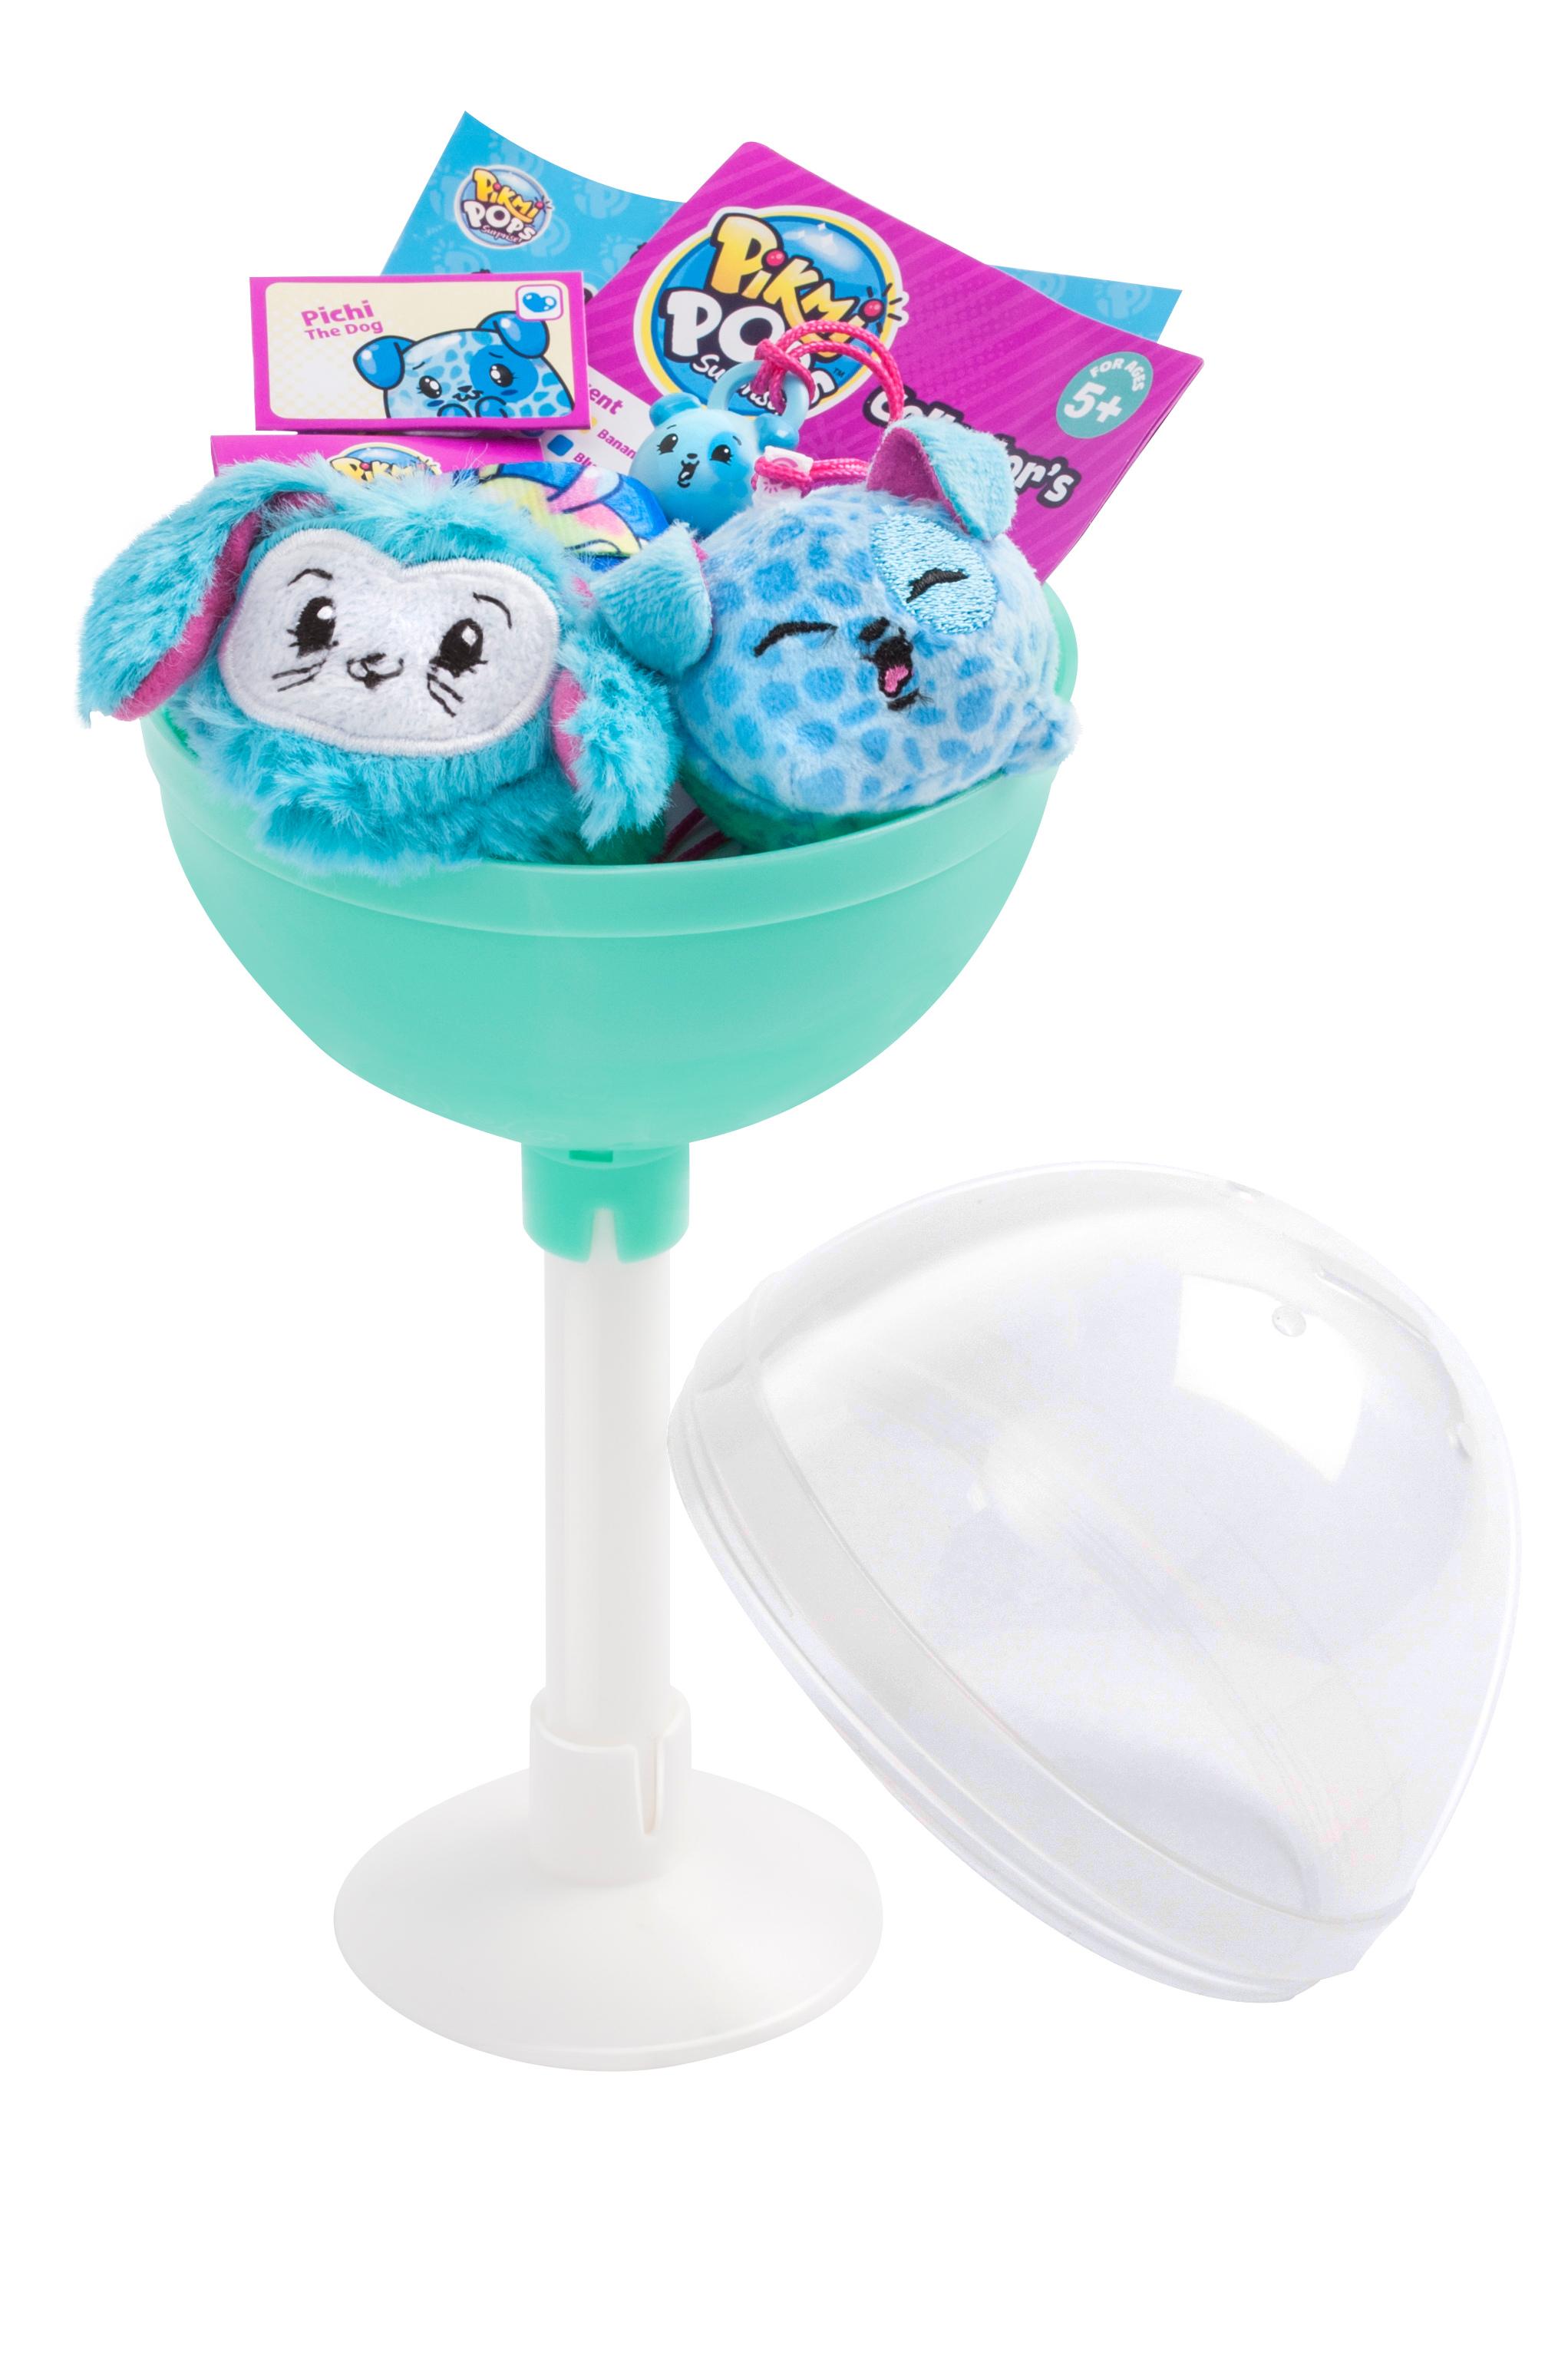 Купить Мягкие игрушки, Игровой набор Moose «Pikmi Pops»с двумя героями в асс., Китай, разноцветный